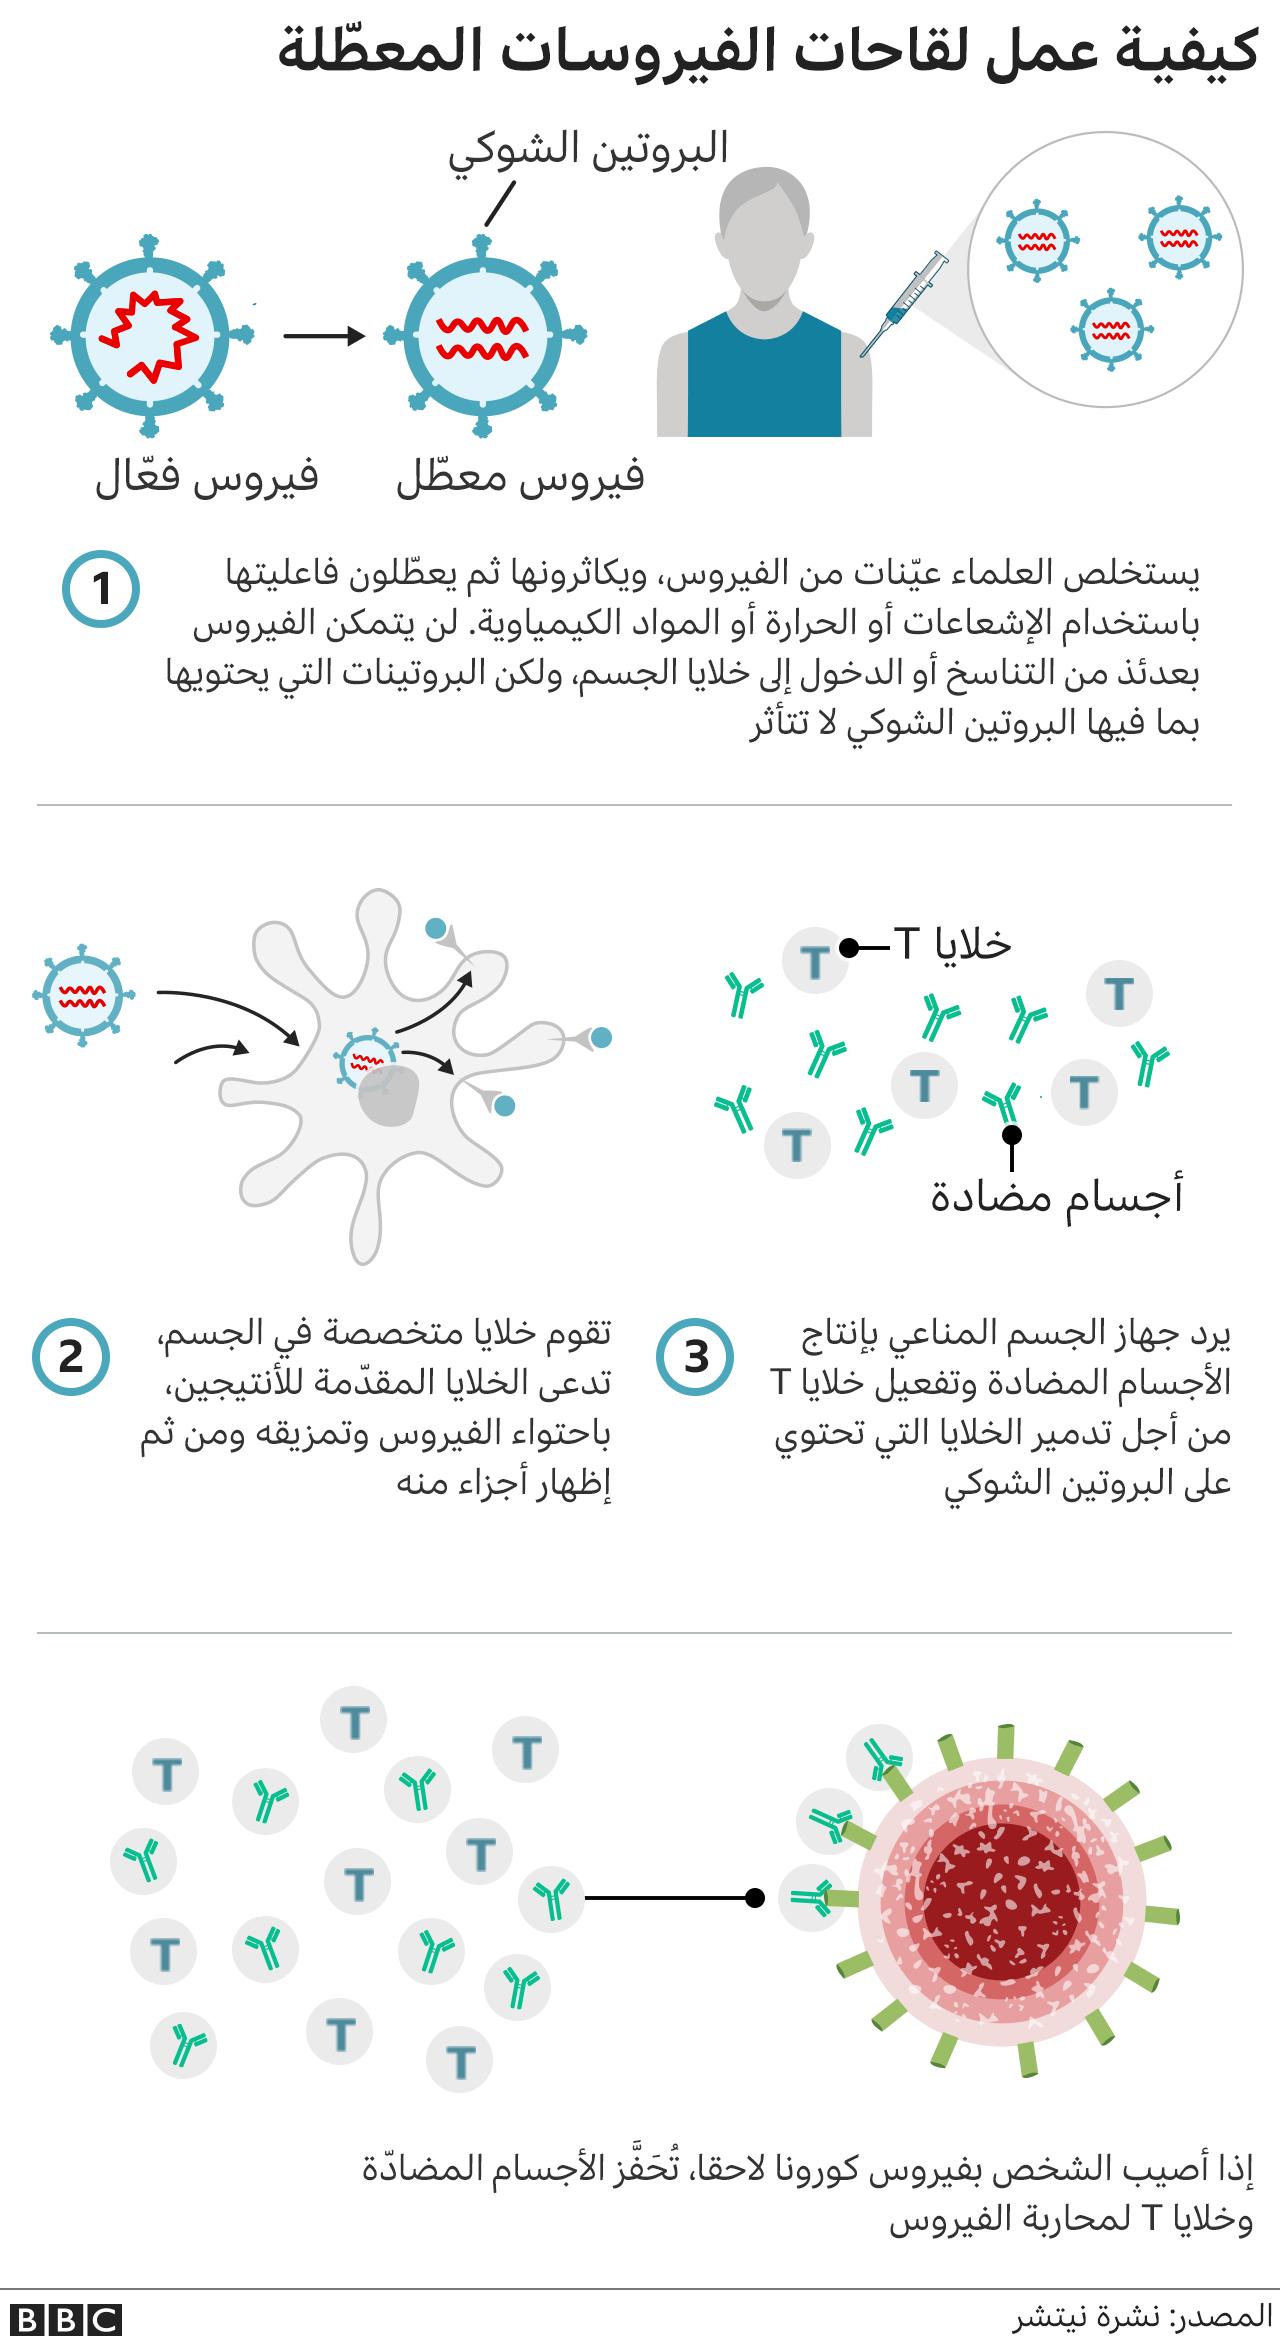 كيفية عمل اللقاحات المعطلة